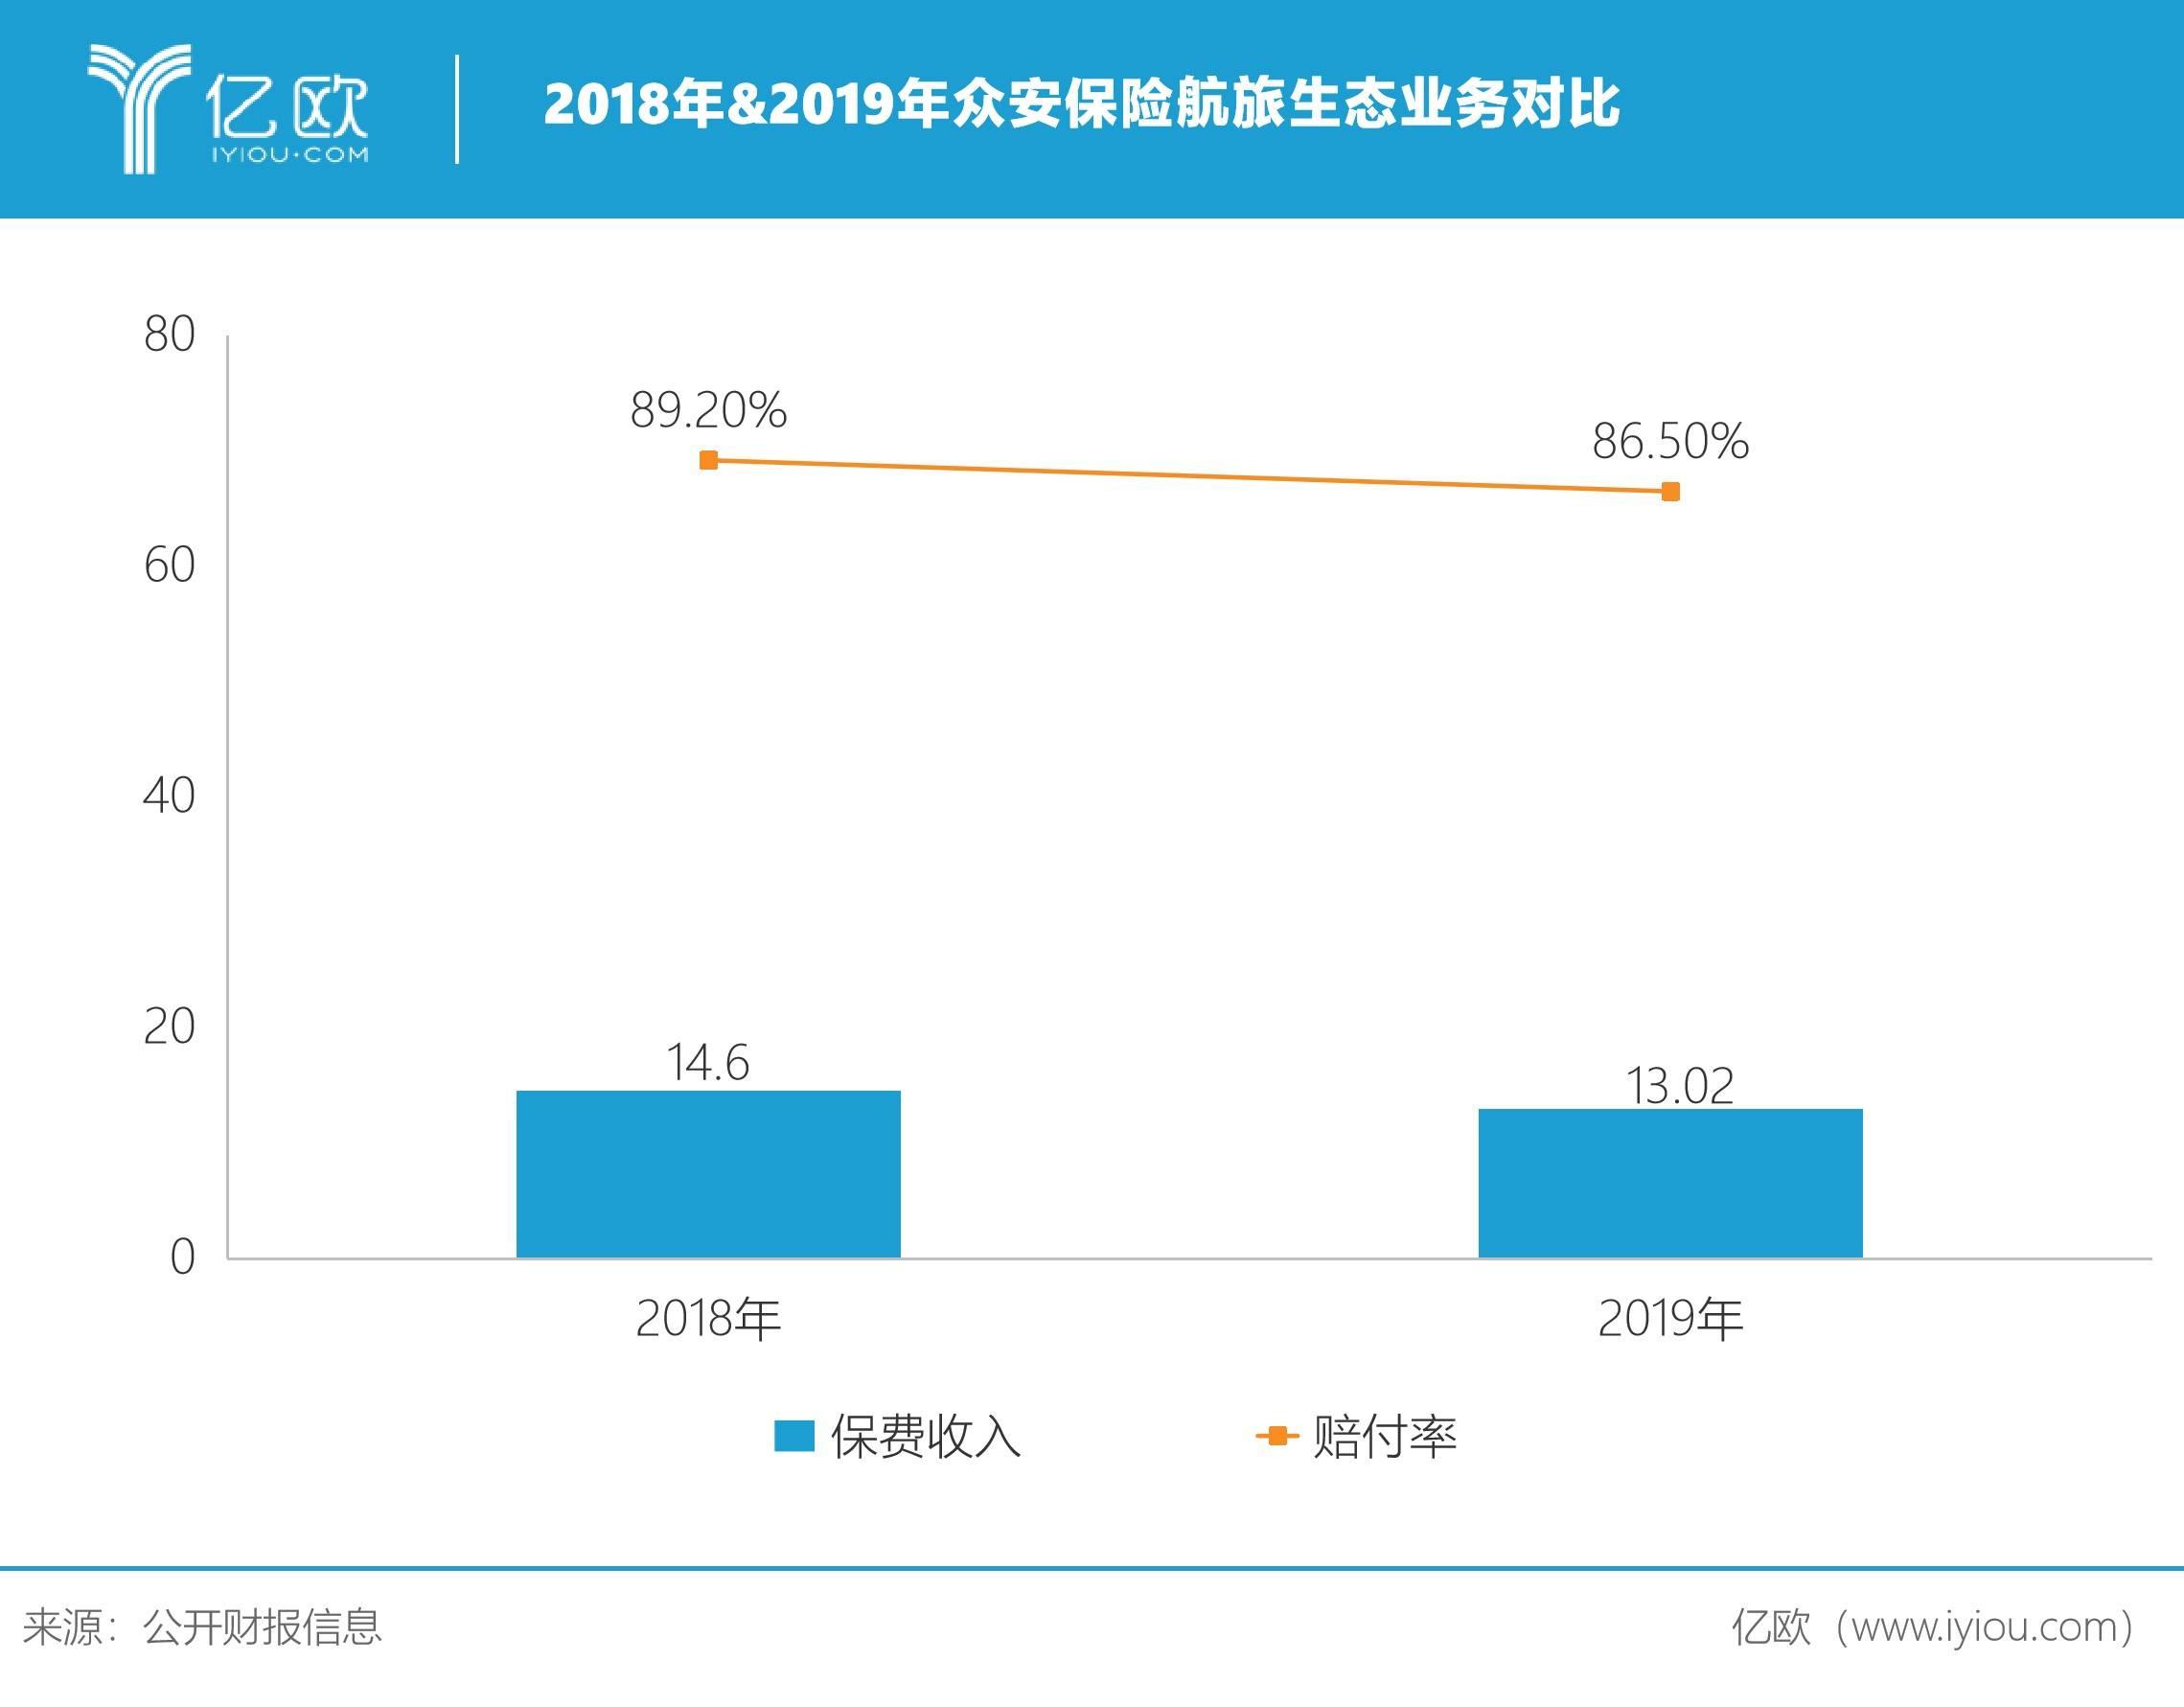 2018&2019年众安保险航旅生态业务对比